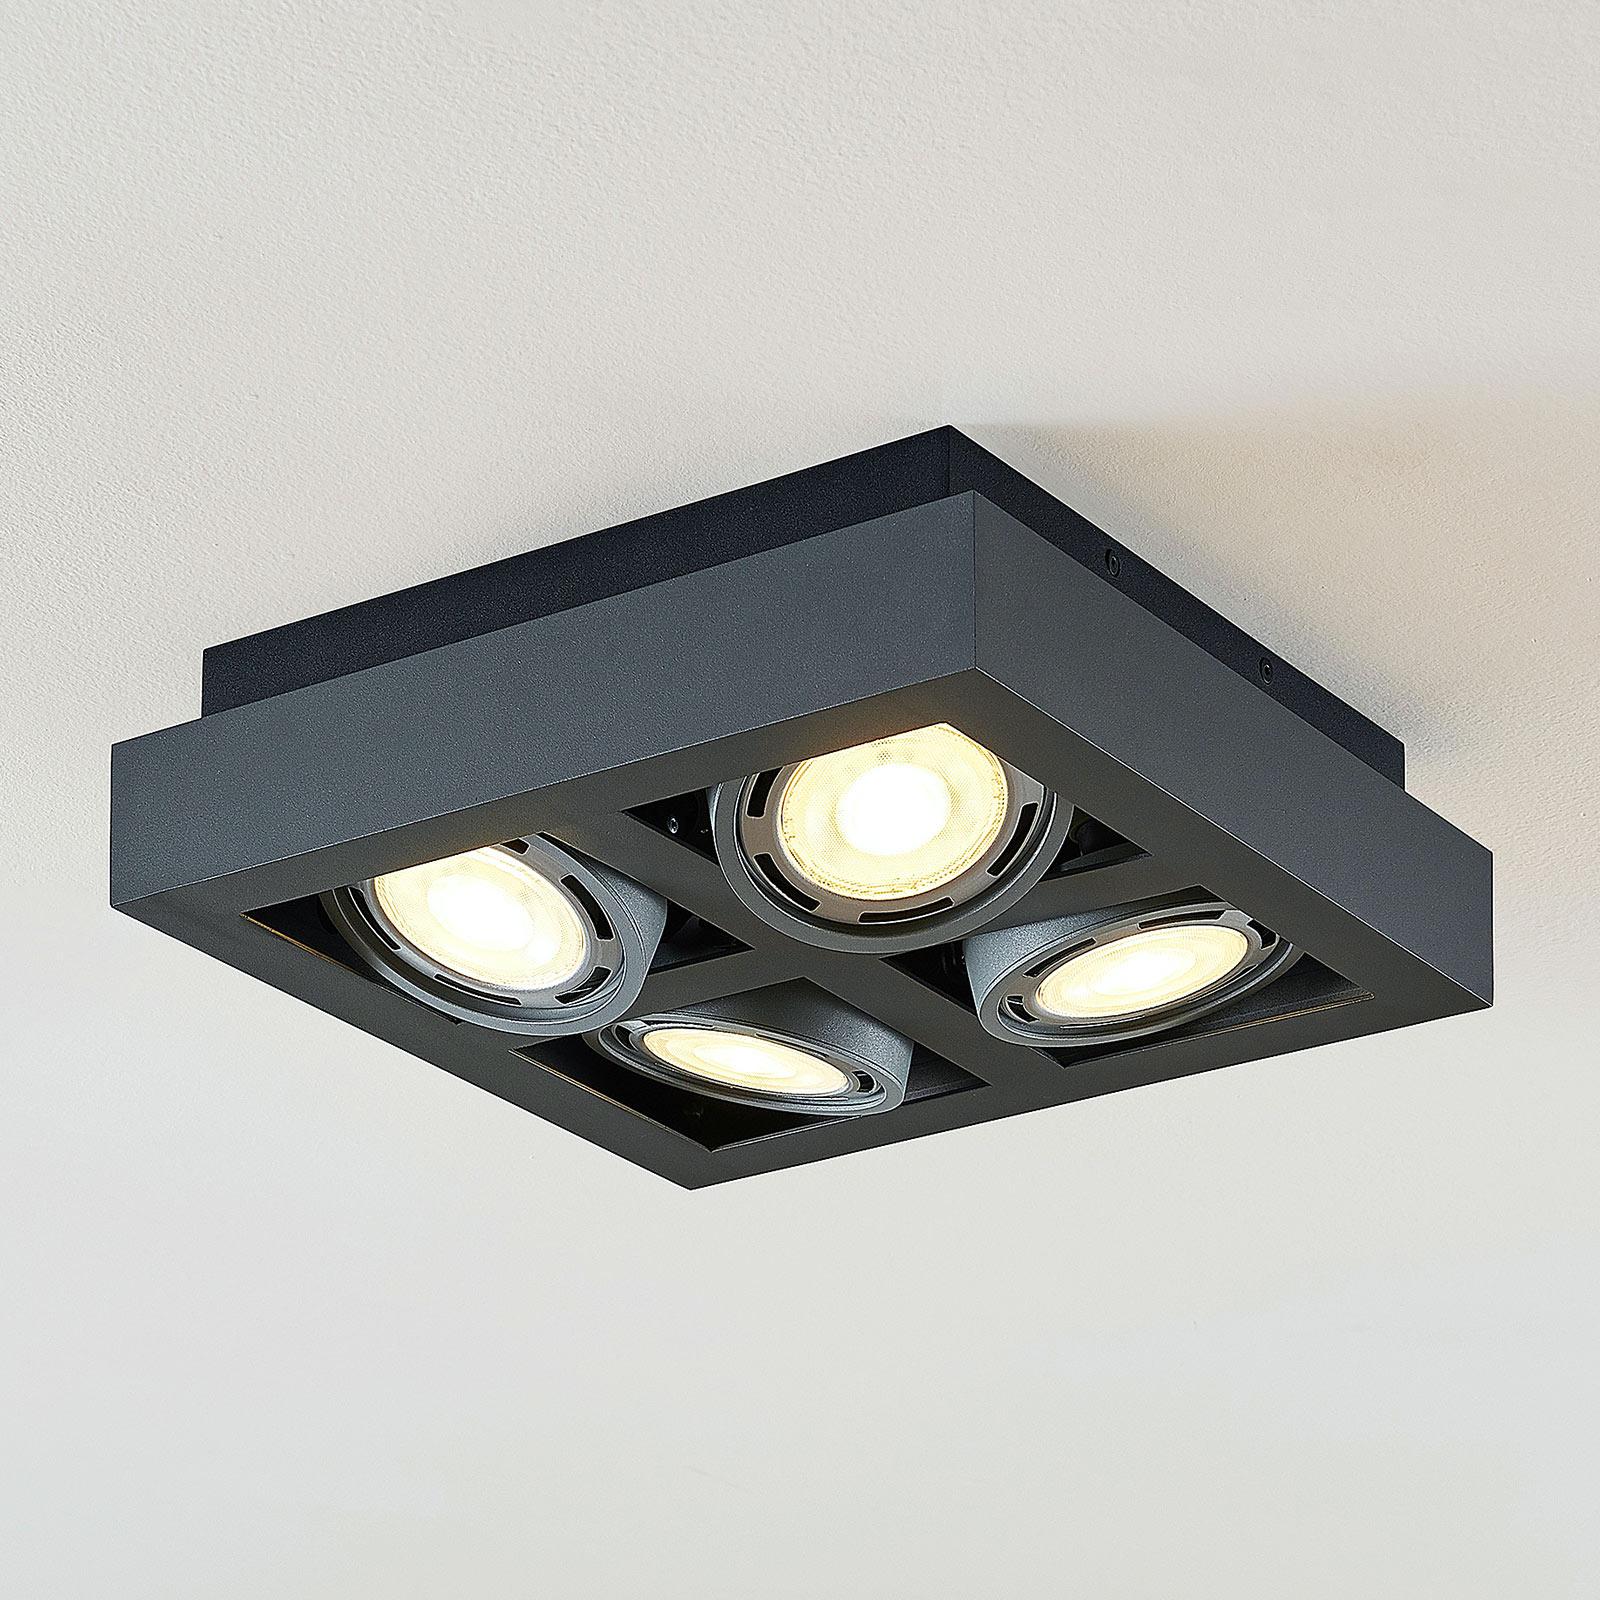 Spot plafond LED Ronka, 4lampes, carré, gris